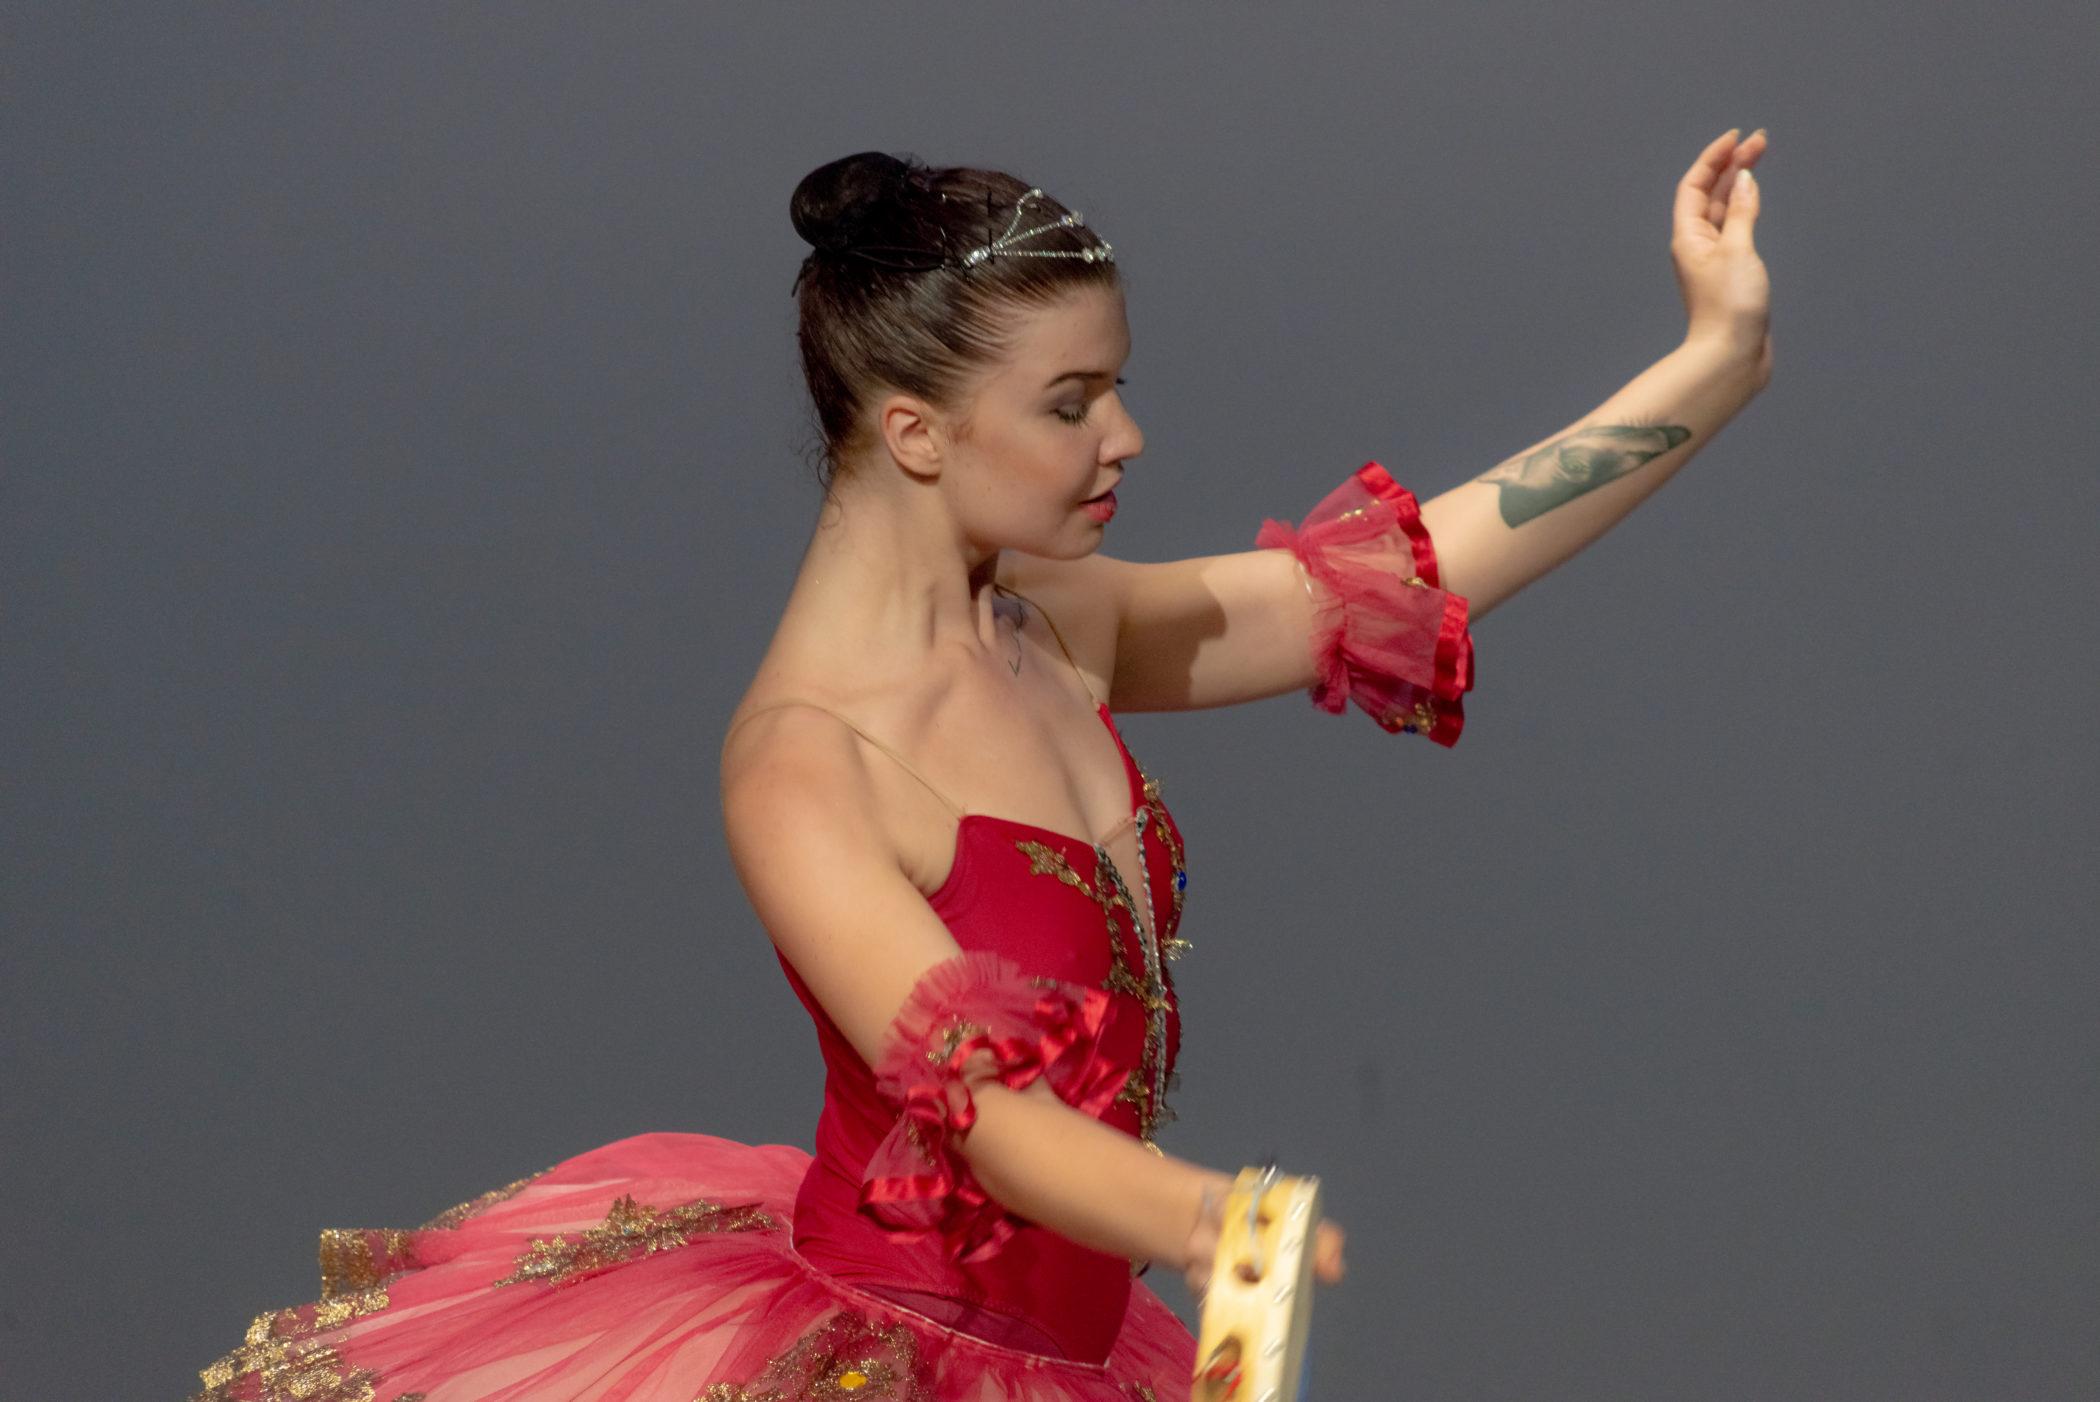 DSC 4687 scaled - Saggio di danza